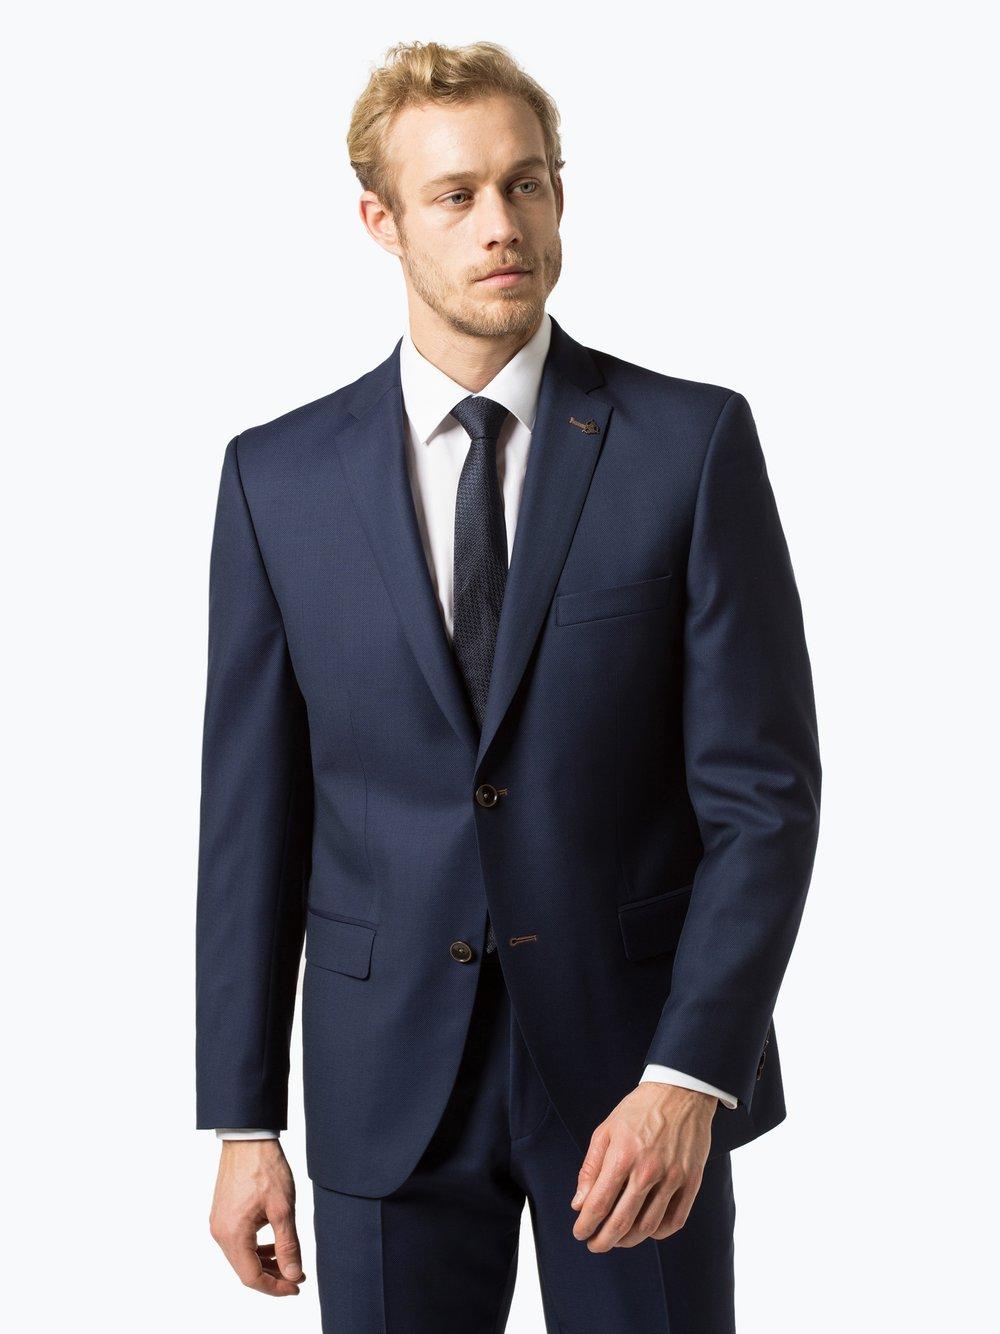 Hemden von ROY ROBSON für Männer günstig online kaufen bei